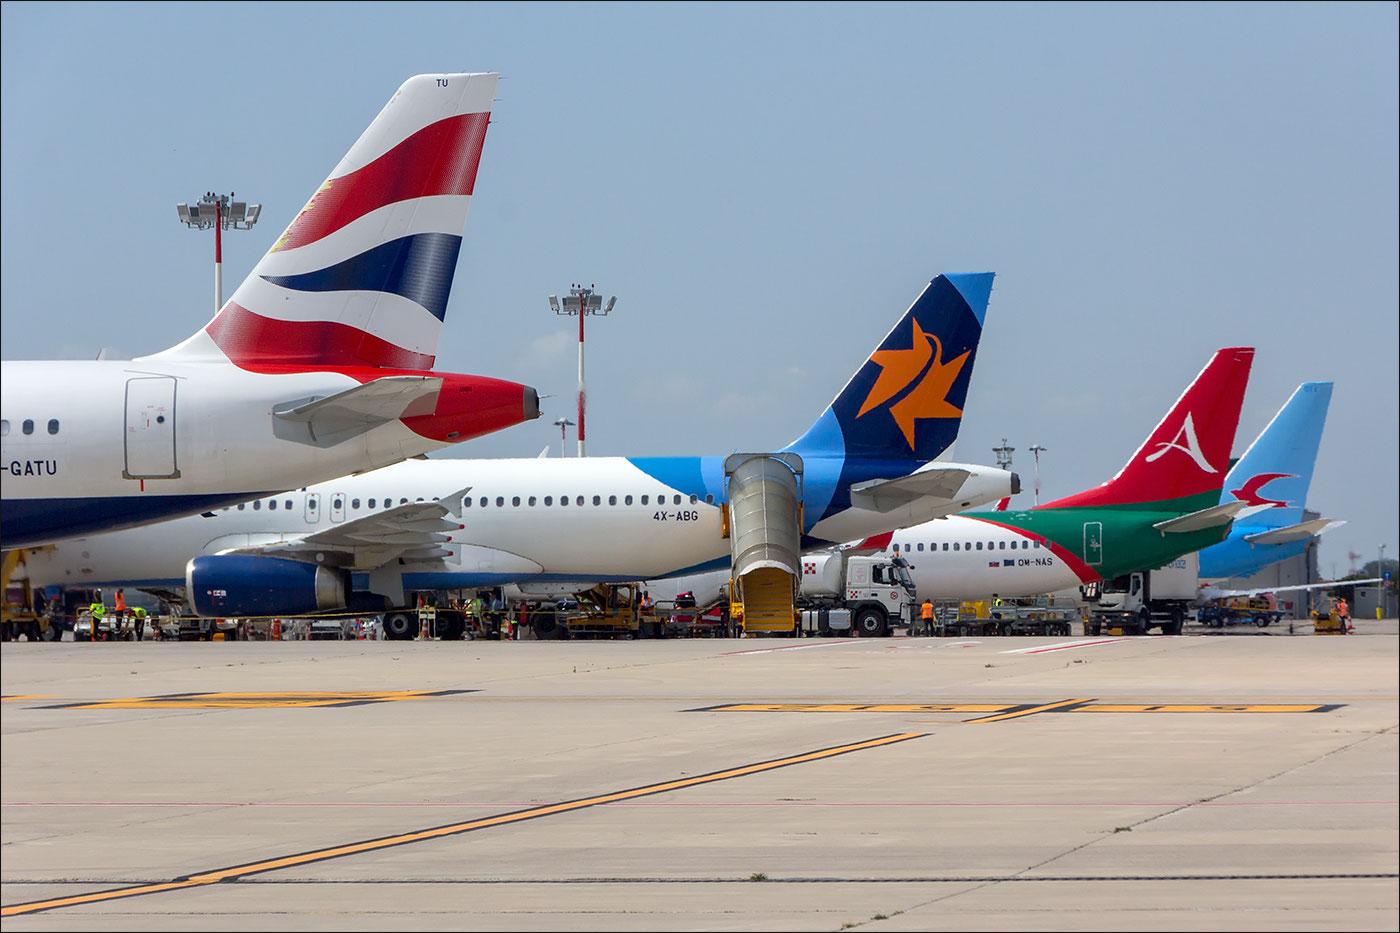 Aeroporto di Verona: definito il programma voli della ...